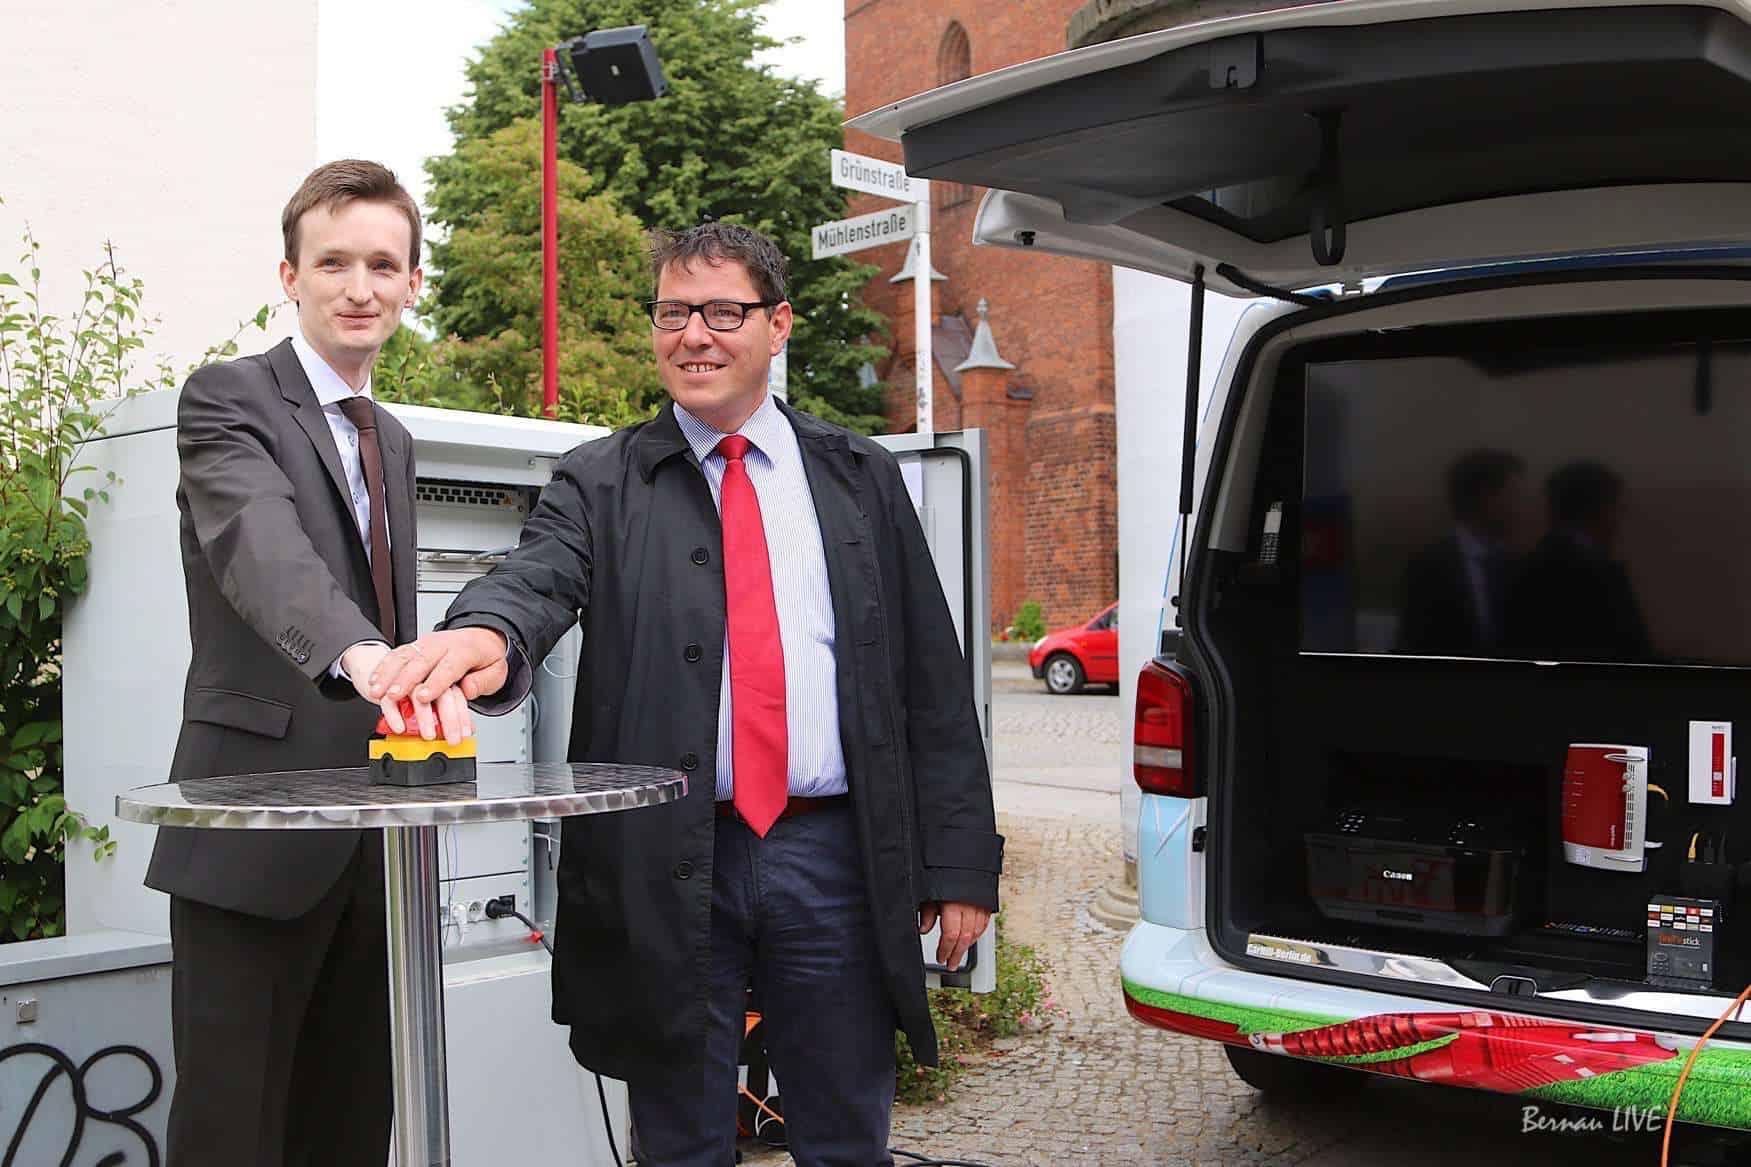 Bernau: Stahlträger kappt Glasfaserkabel - Kunden ohne Anschluss